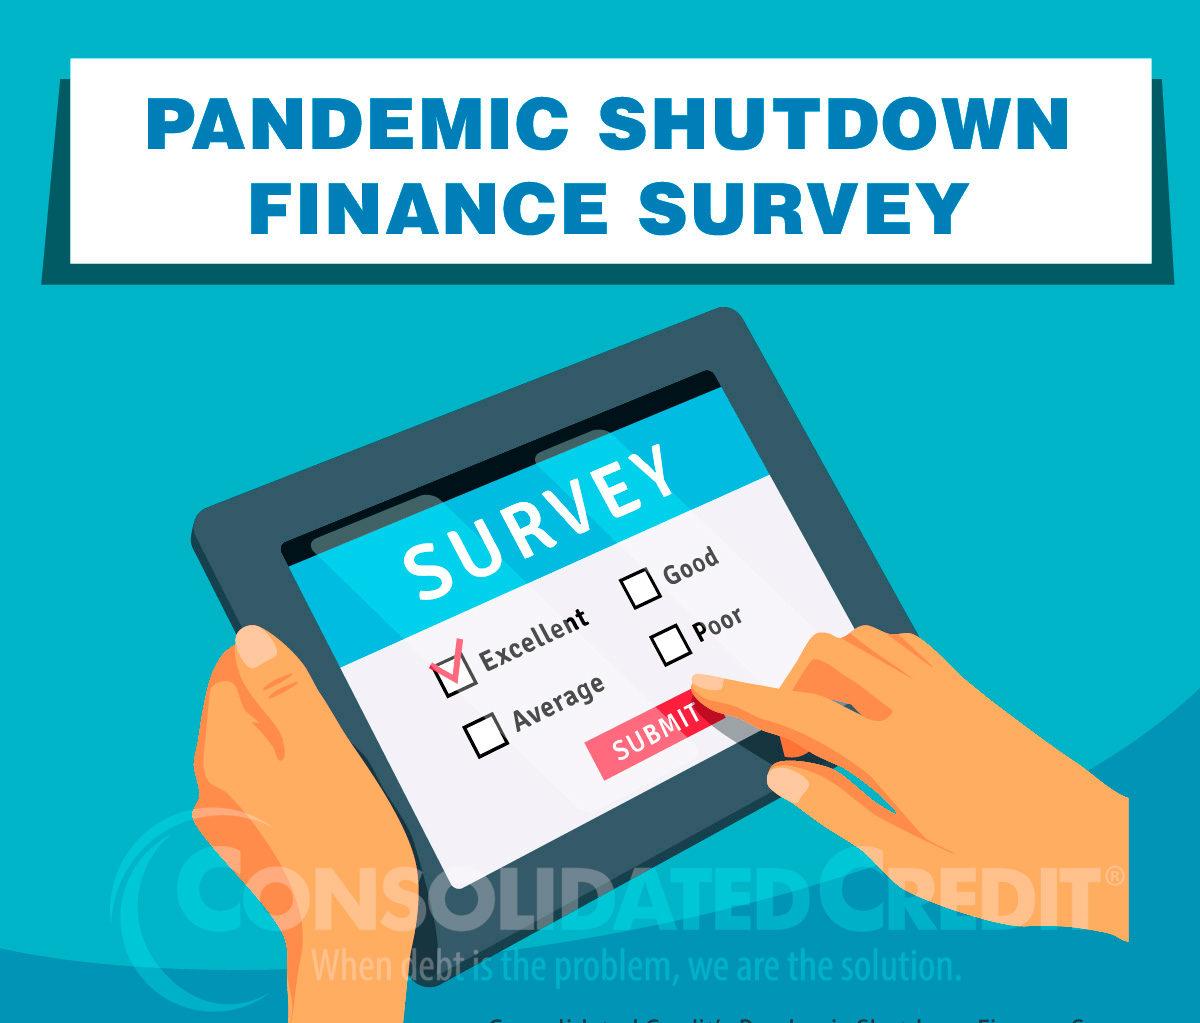 Pandemic Shutdown Finance Survey